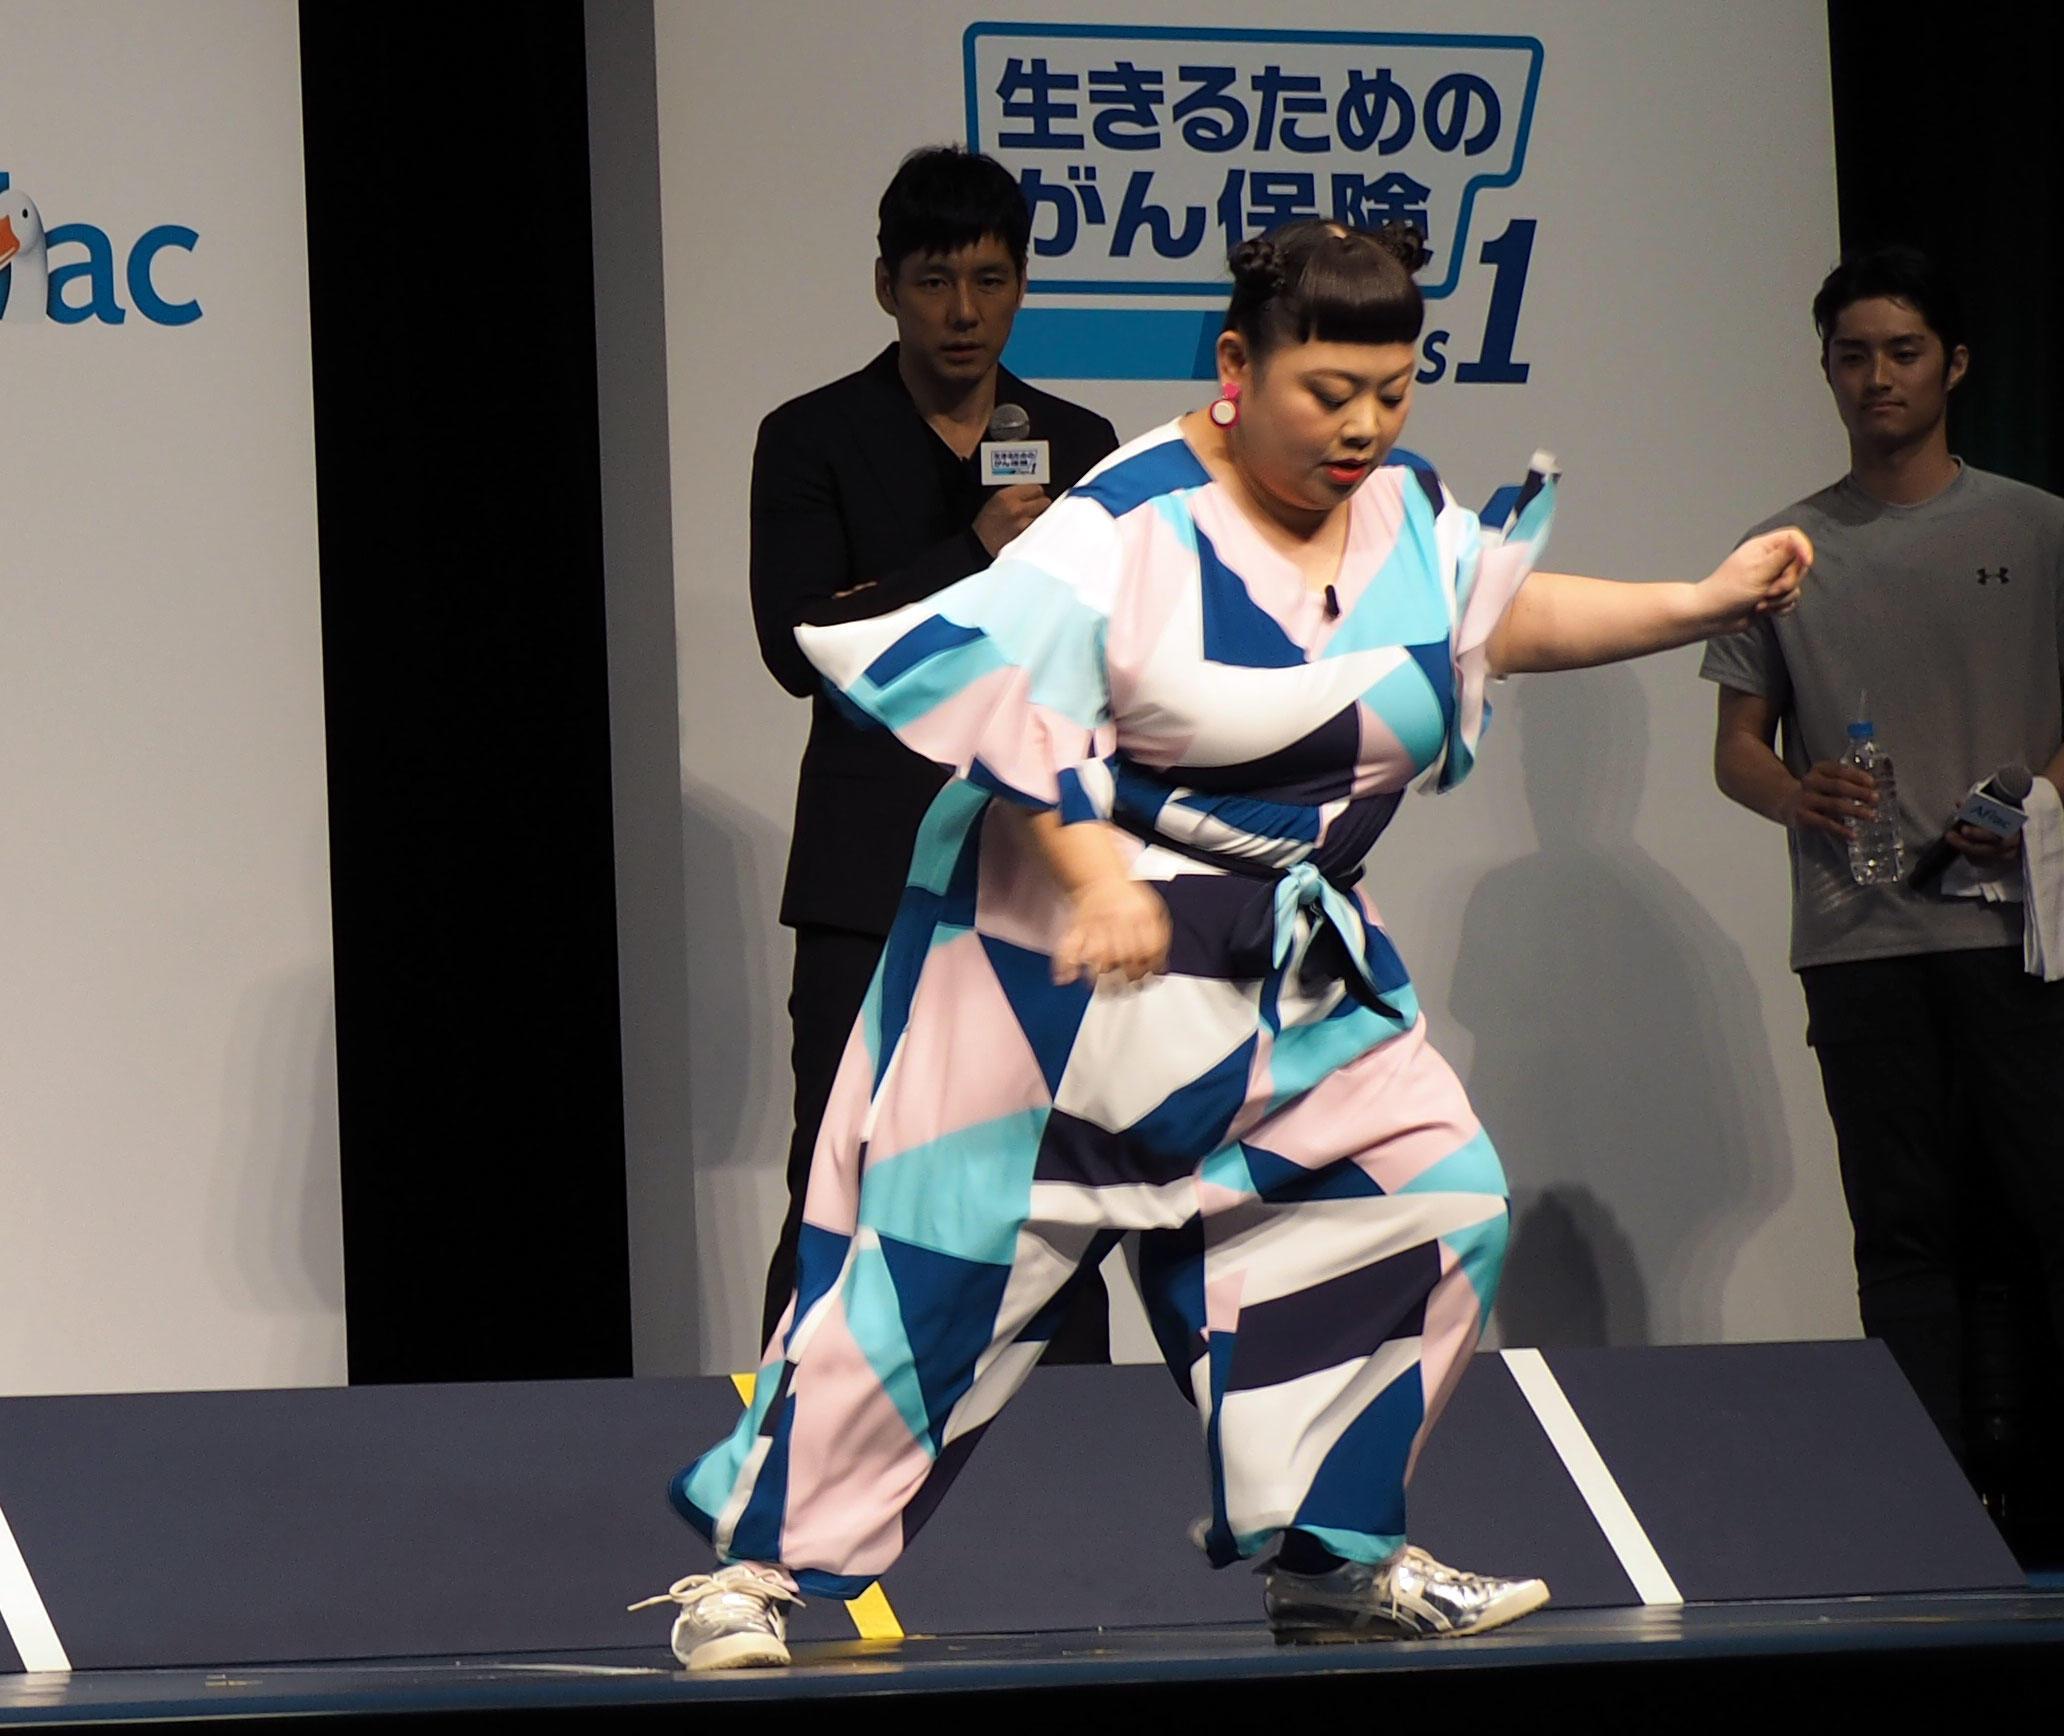 http://news.yoshimoto.co.jp/20180314185605-c6d703cc4a8b0639173481e3eb8d7f62f73fa4d1.jpg